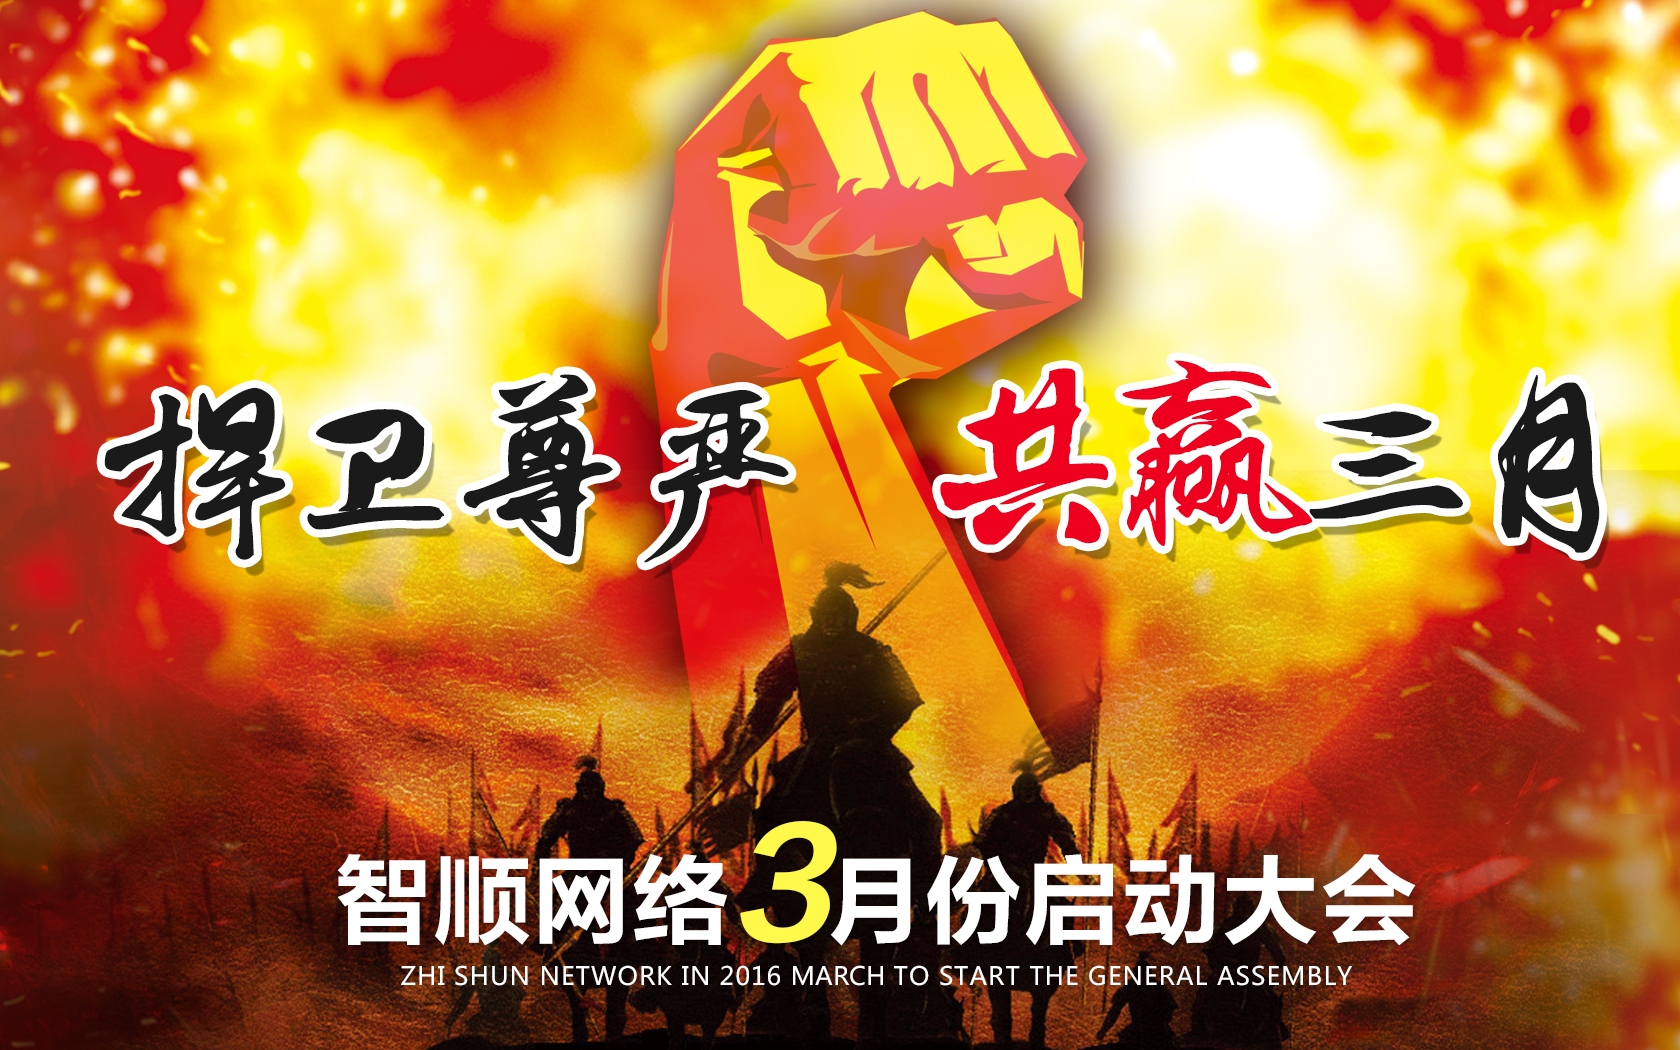 智顺网络三月份启动会上的那些精彩瞬间,有你吗?